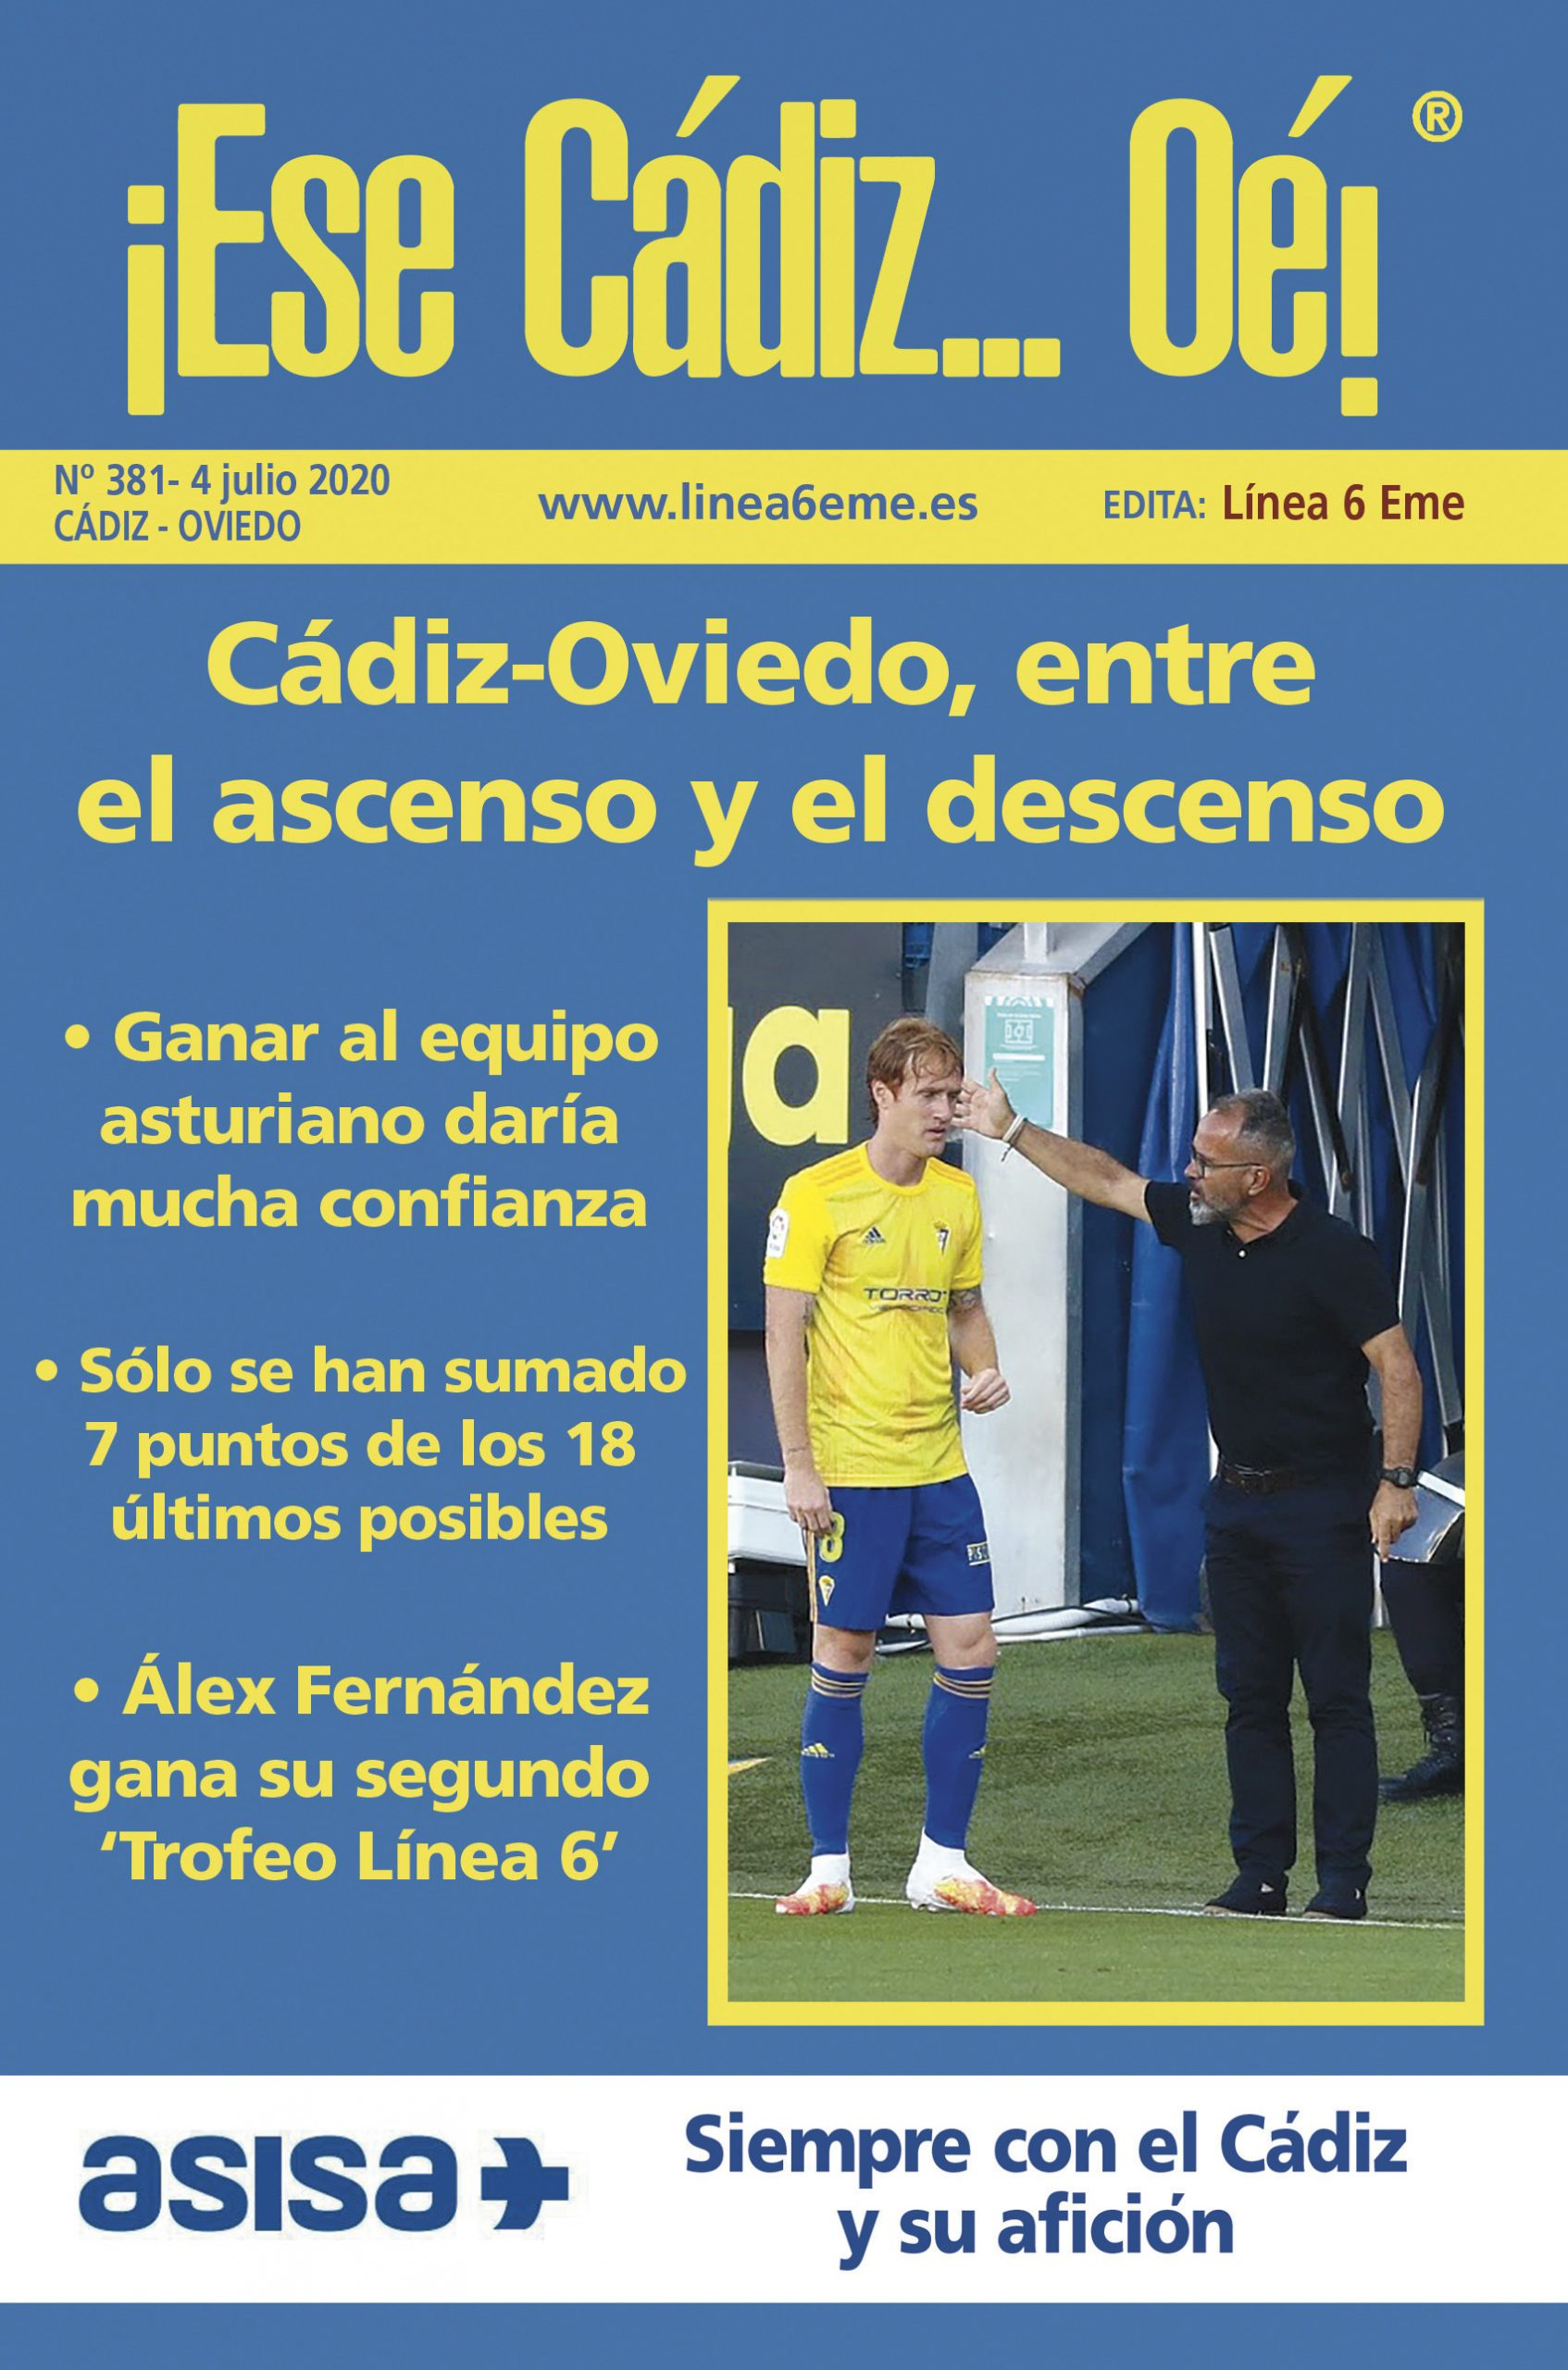 ¡ESE CÁDIZ…OÉ! NÚM. 381 TEMPORADA 2019/20